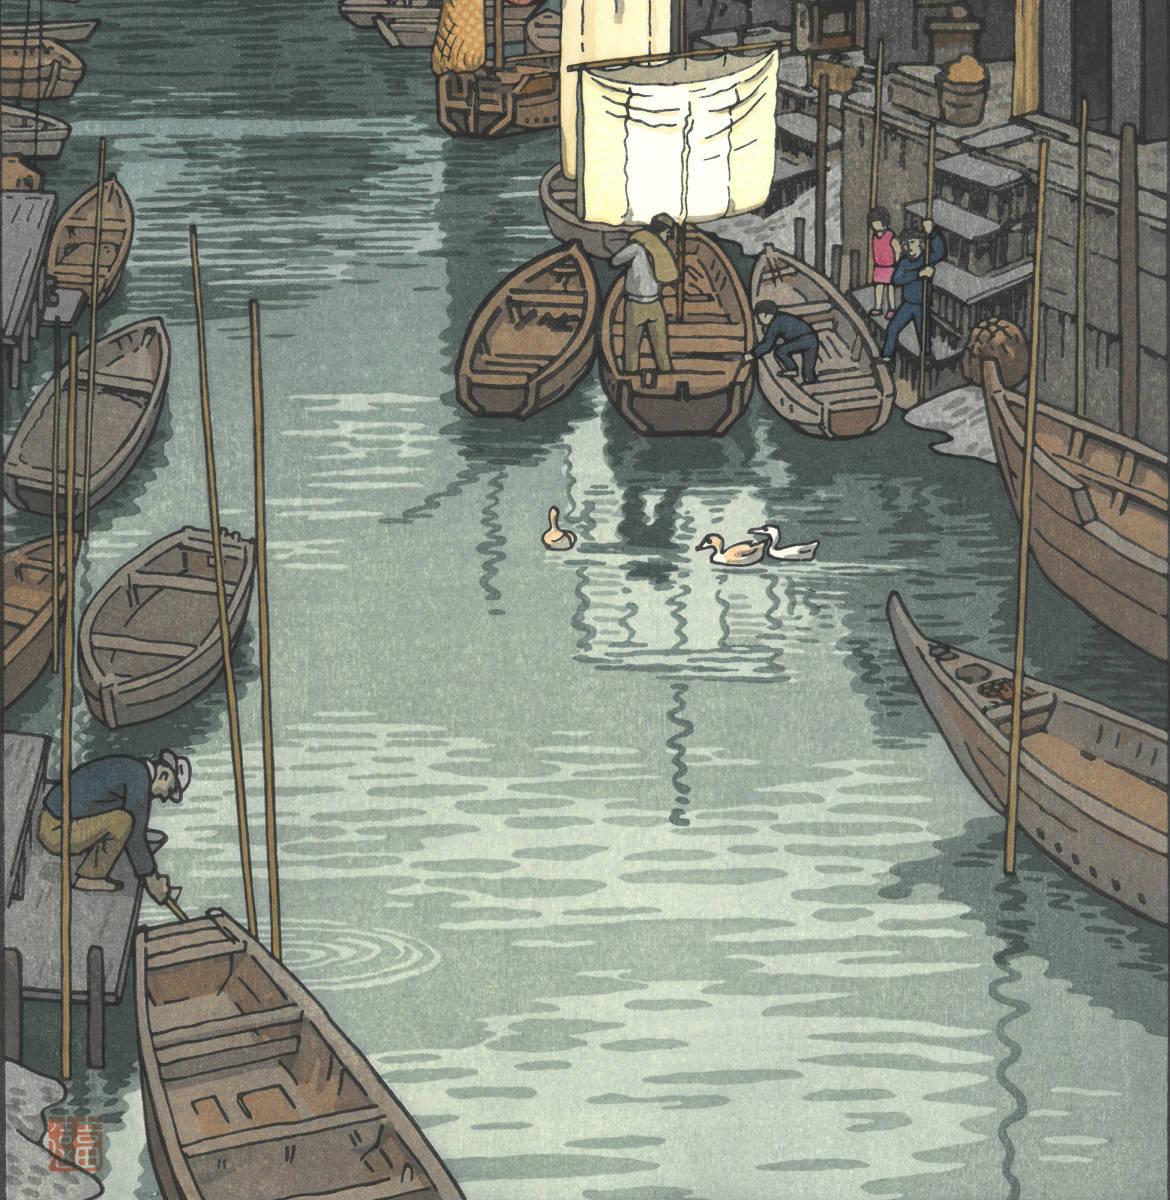 吉田遠志 木版画  015101 浦安 (Urayasu)  初摺1951年    最高峰の摺師の技をご堪能下さい!!_画像8